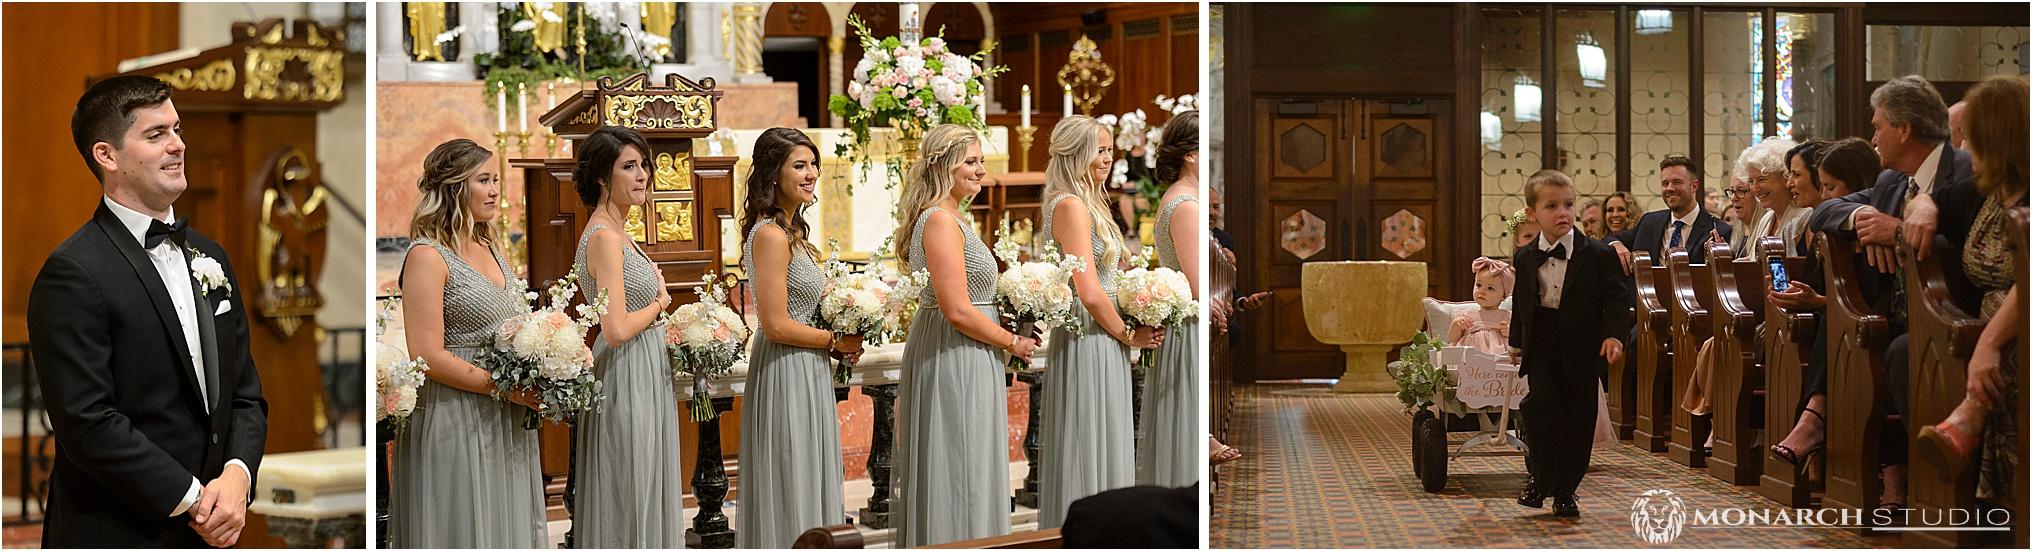 Wedding-PHotographer-in-st-augustine-2019-018.jpg